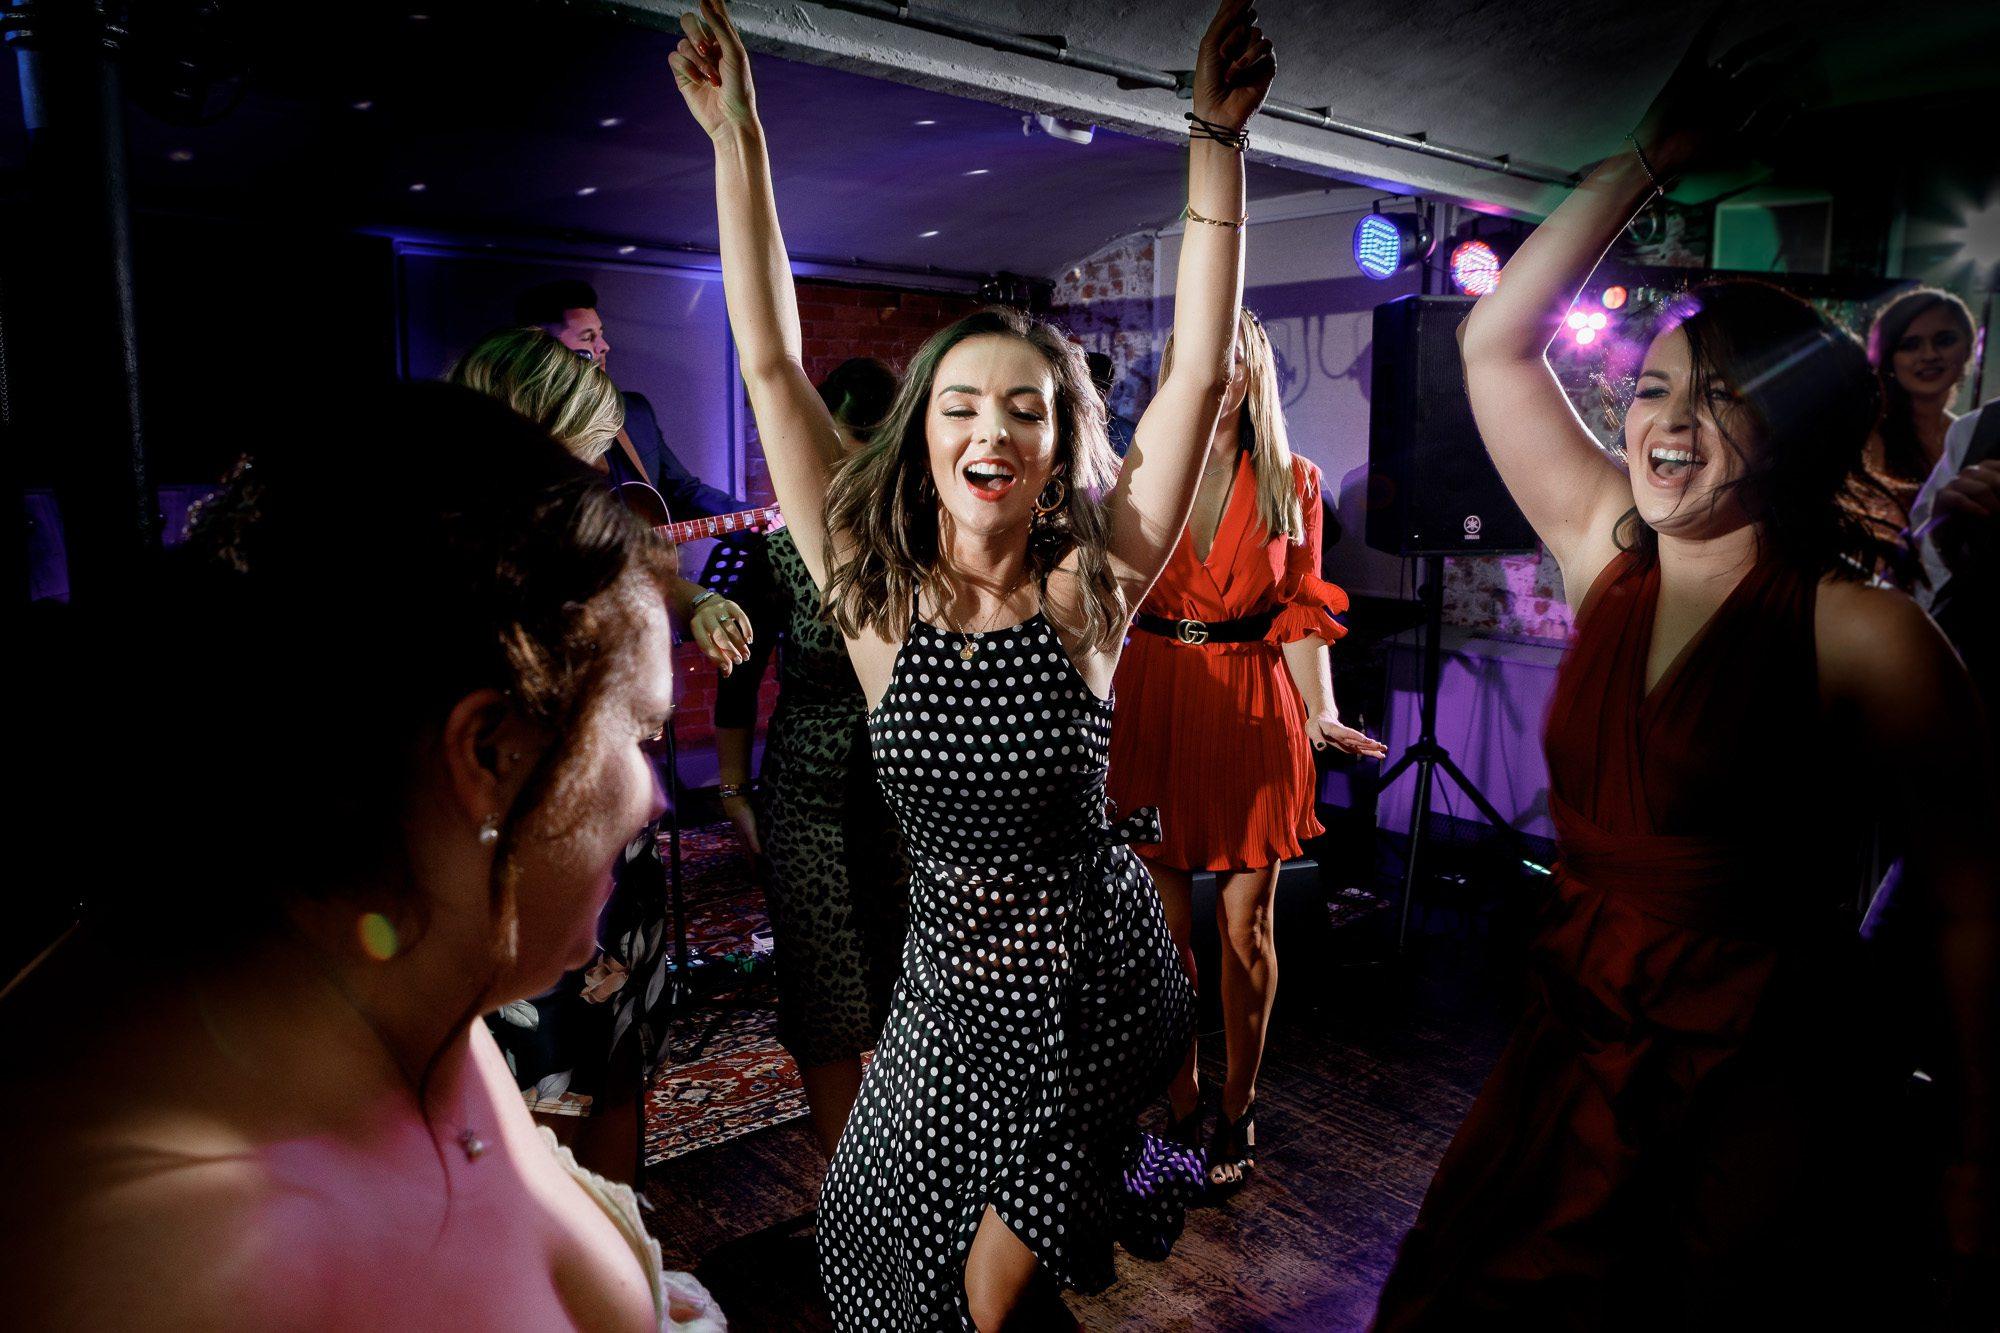 wedding guest dancing on dance floor